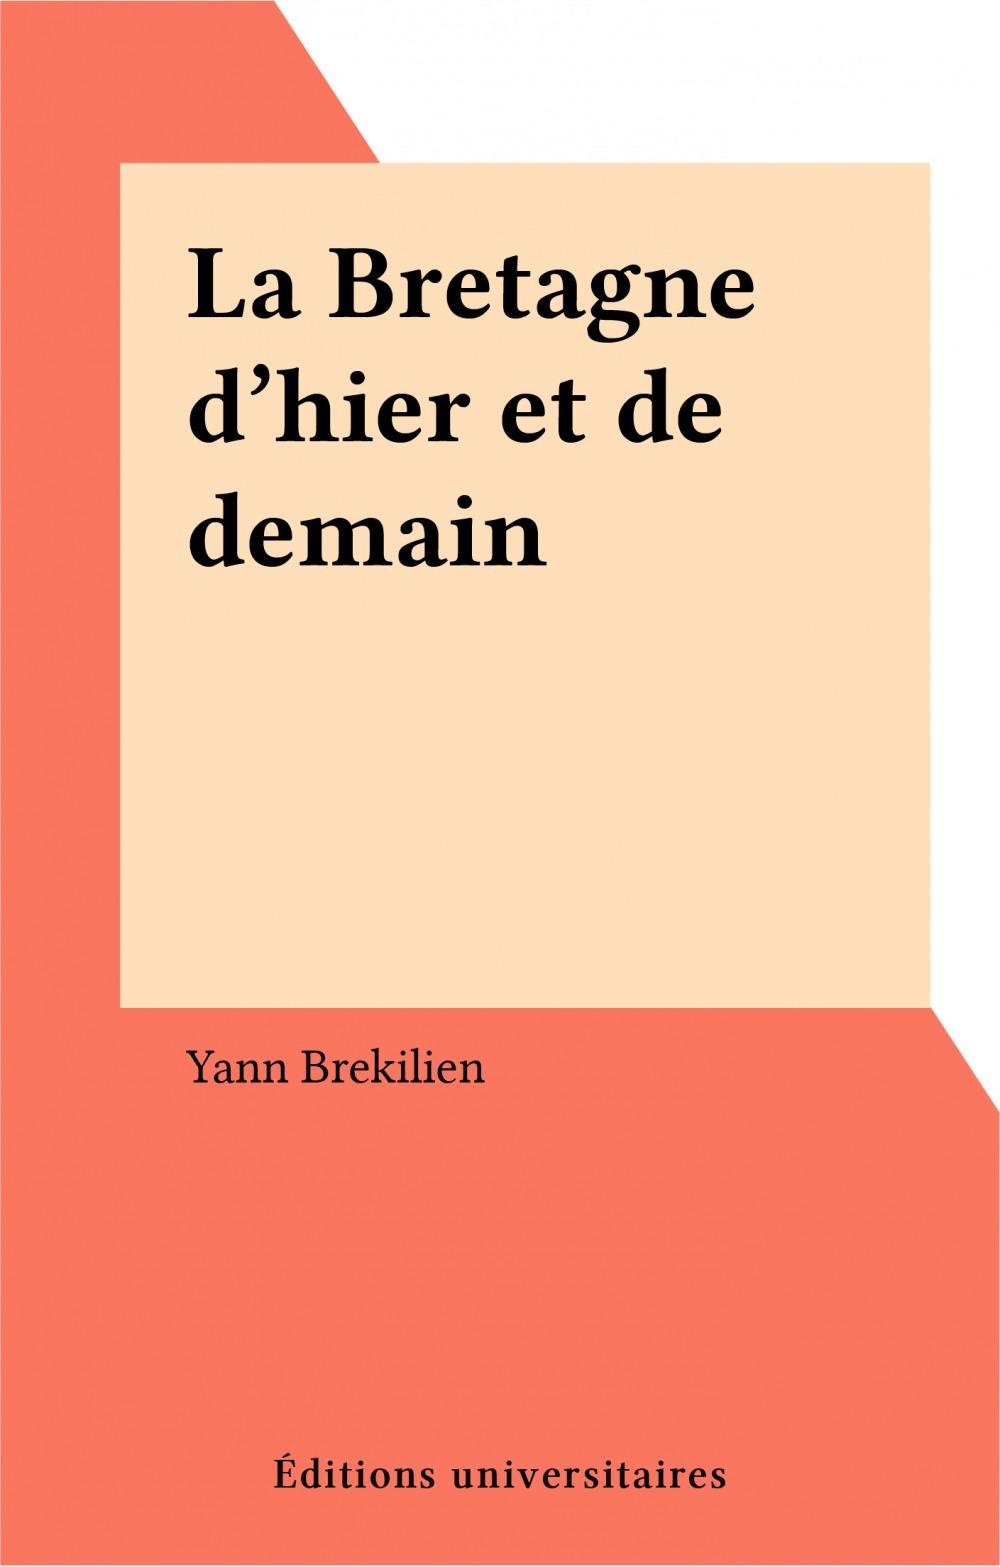 La Bretagne d'hier et de demain  - Yann Brekilien